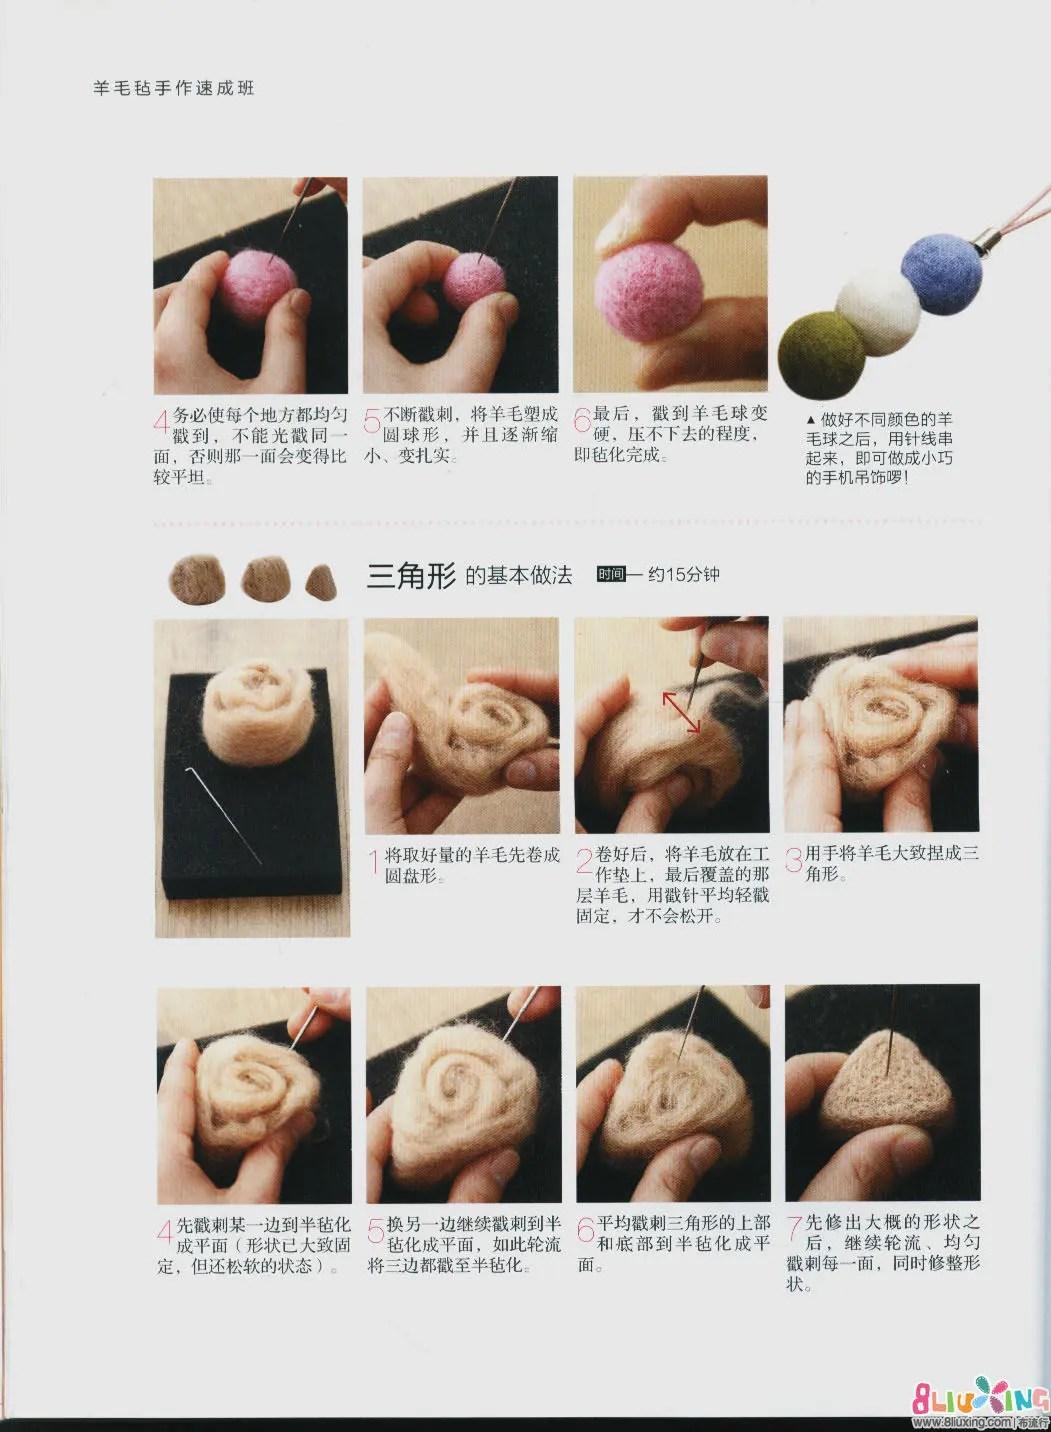 羊毛氈手作速成班(整書上傳) - 圖紙下載專區 布流行手工網